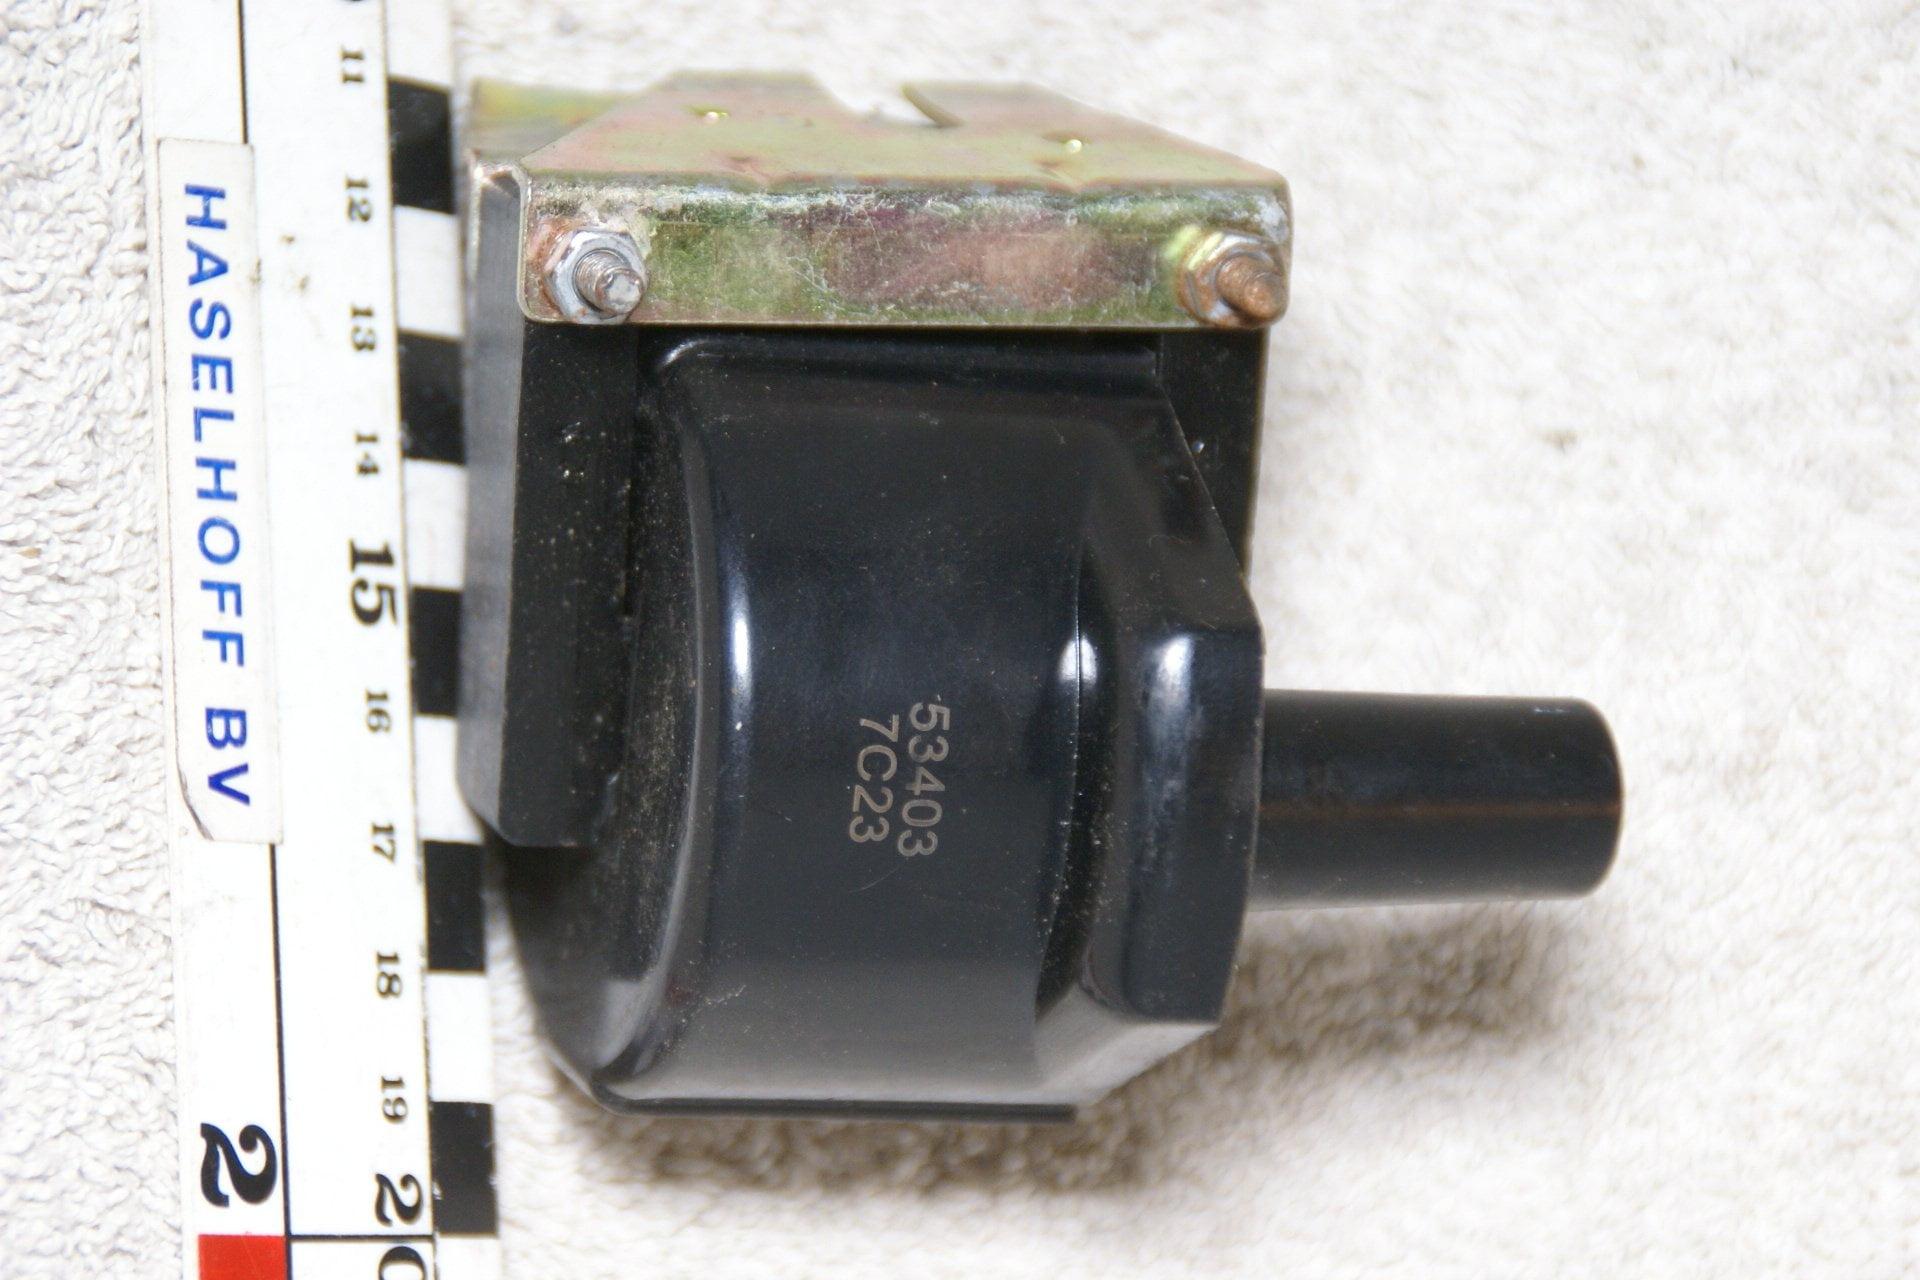 DSC07225 53403 7C23 Volvo bobine - kopie